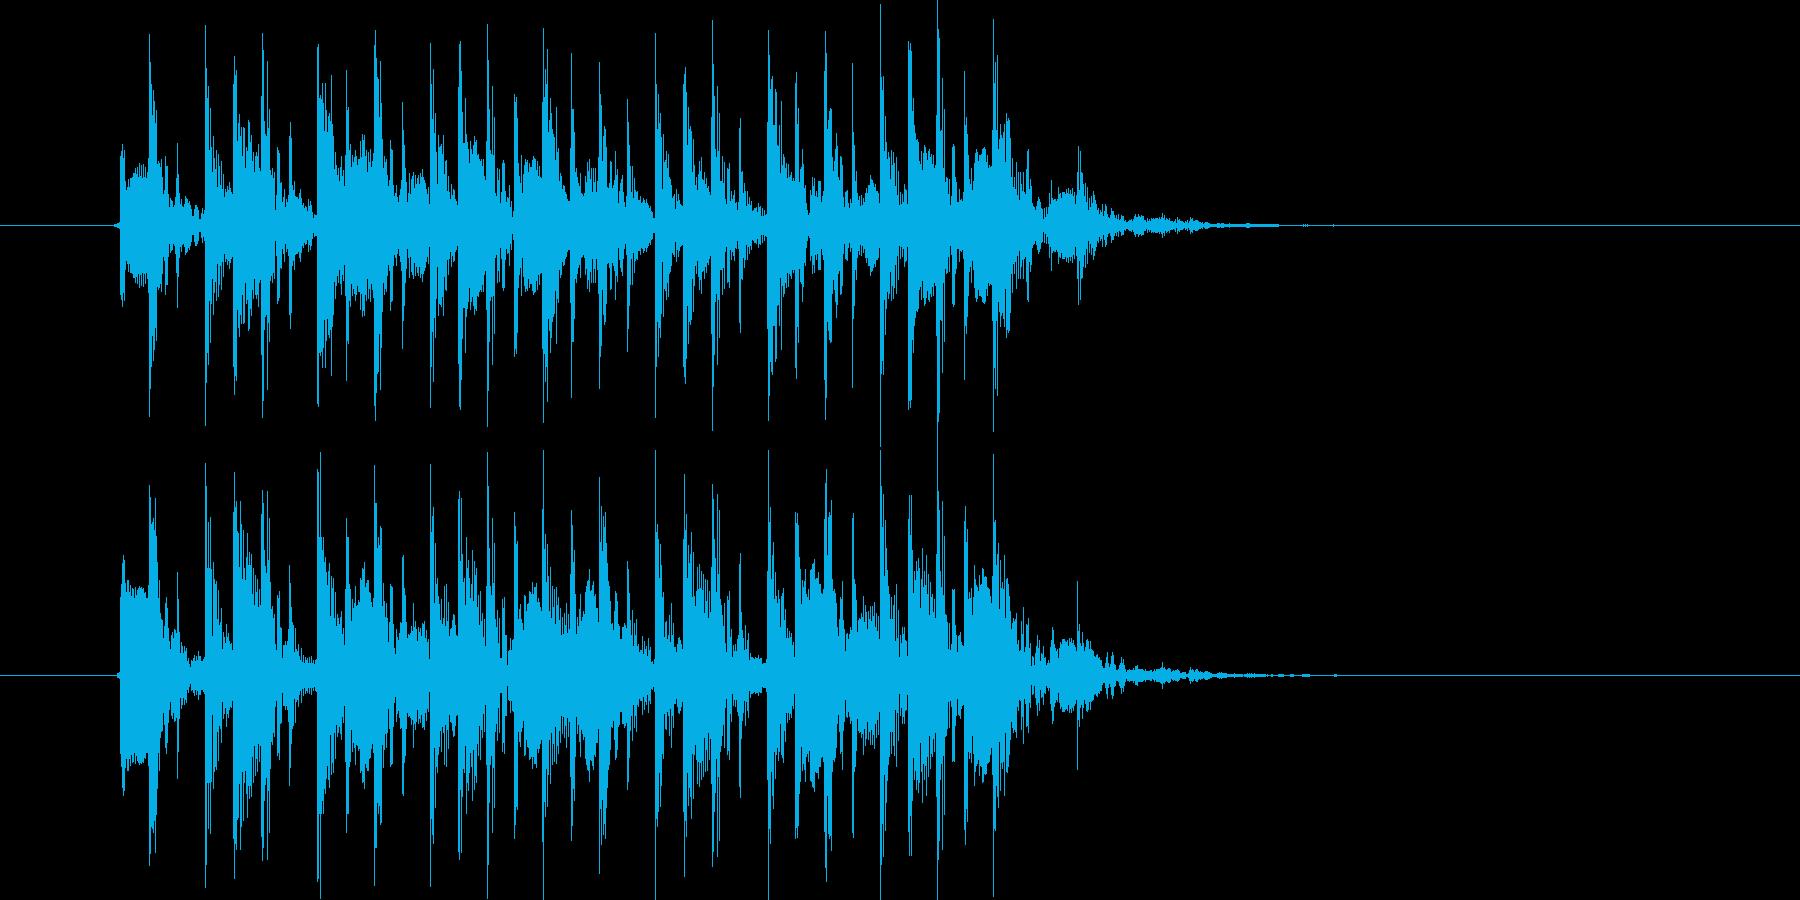 流暢で軽快なシンセジングルの再生済みの波形